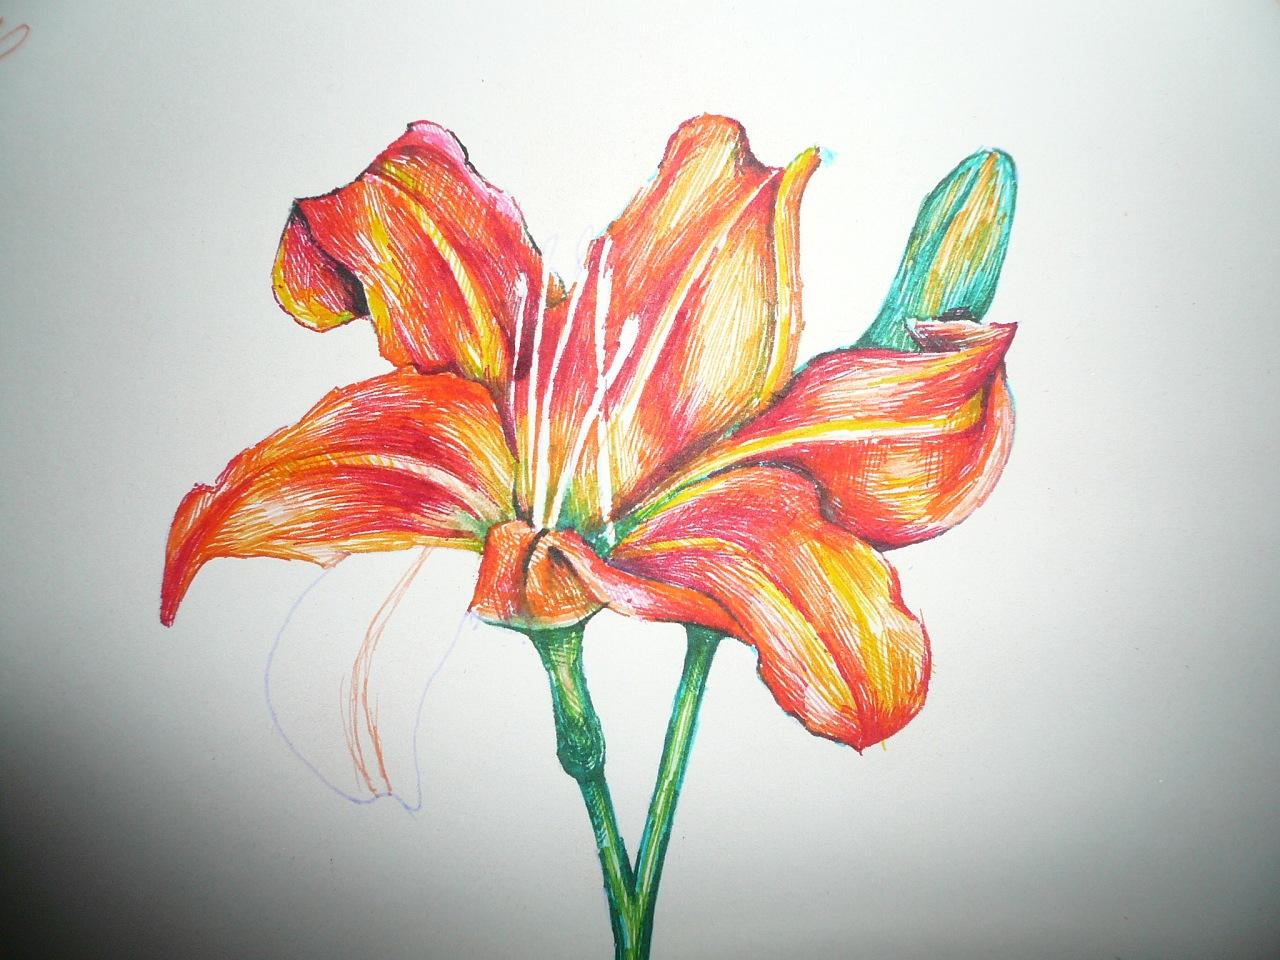 而已 用特细的水彩笔画的,随便涂鸦